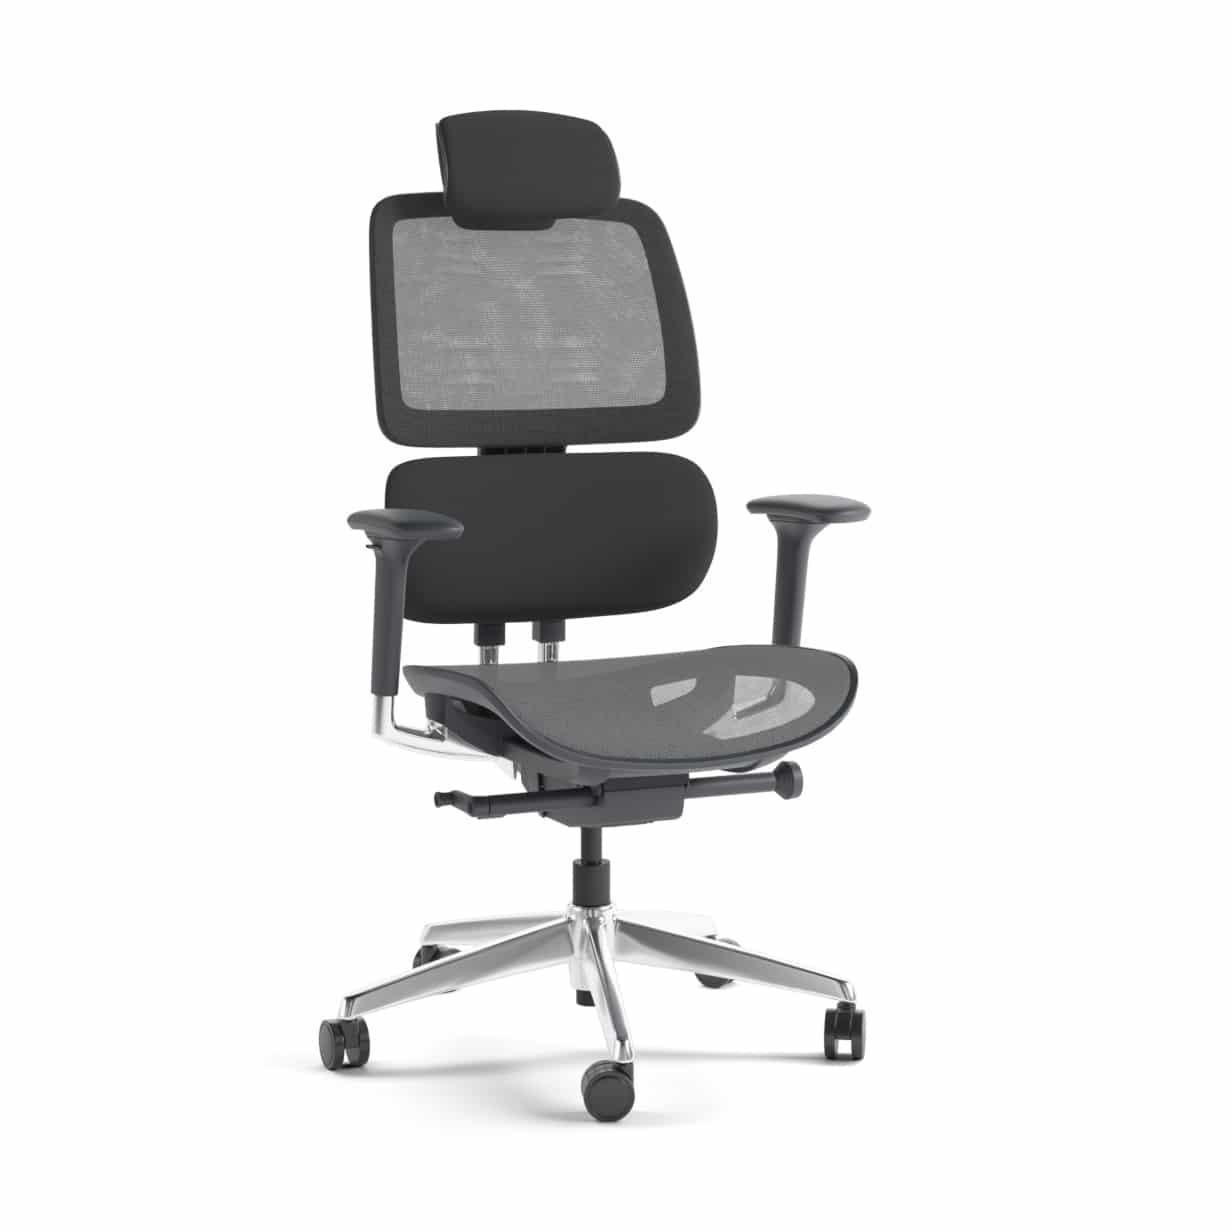 Voca 3501 Desk Chair